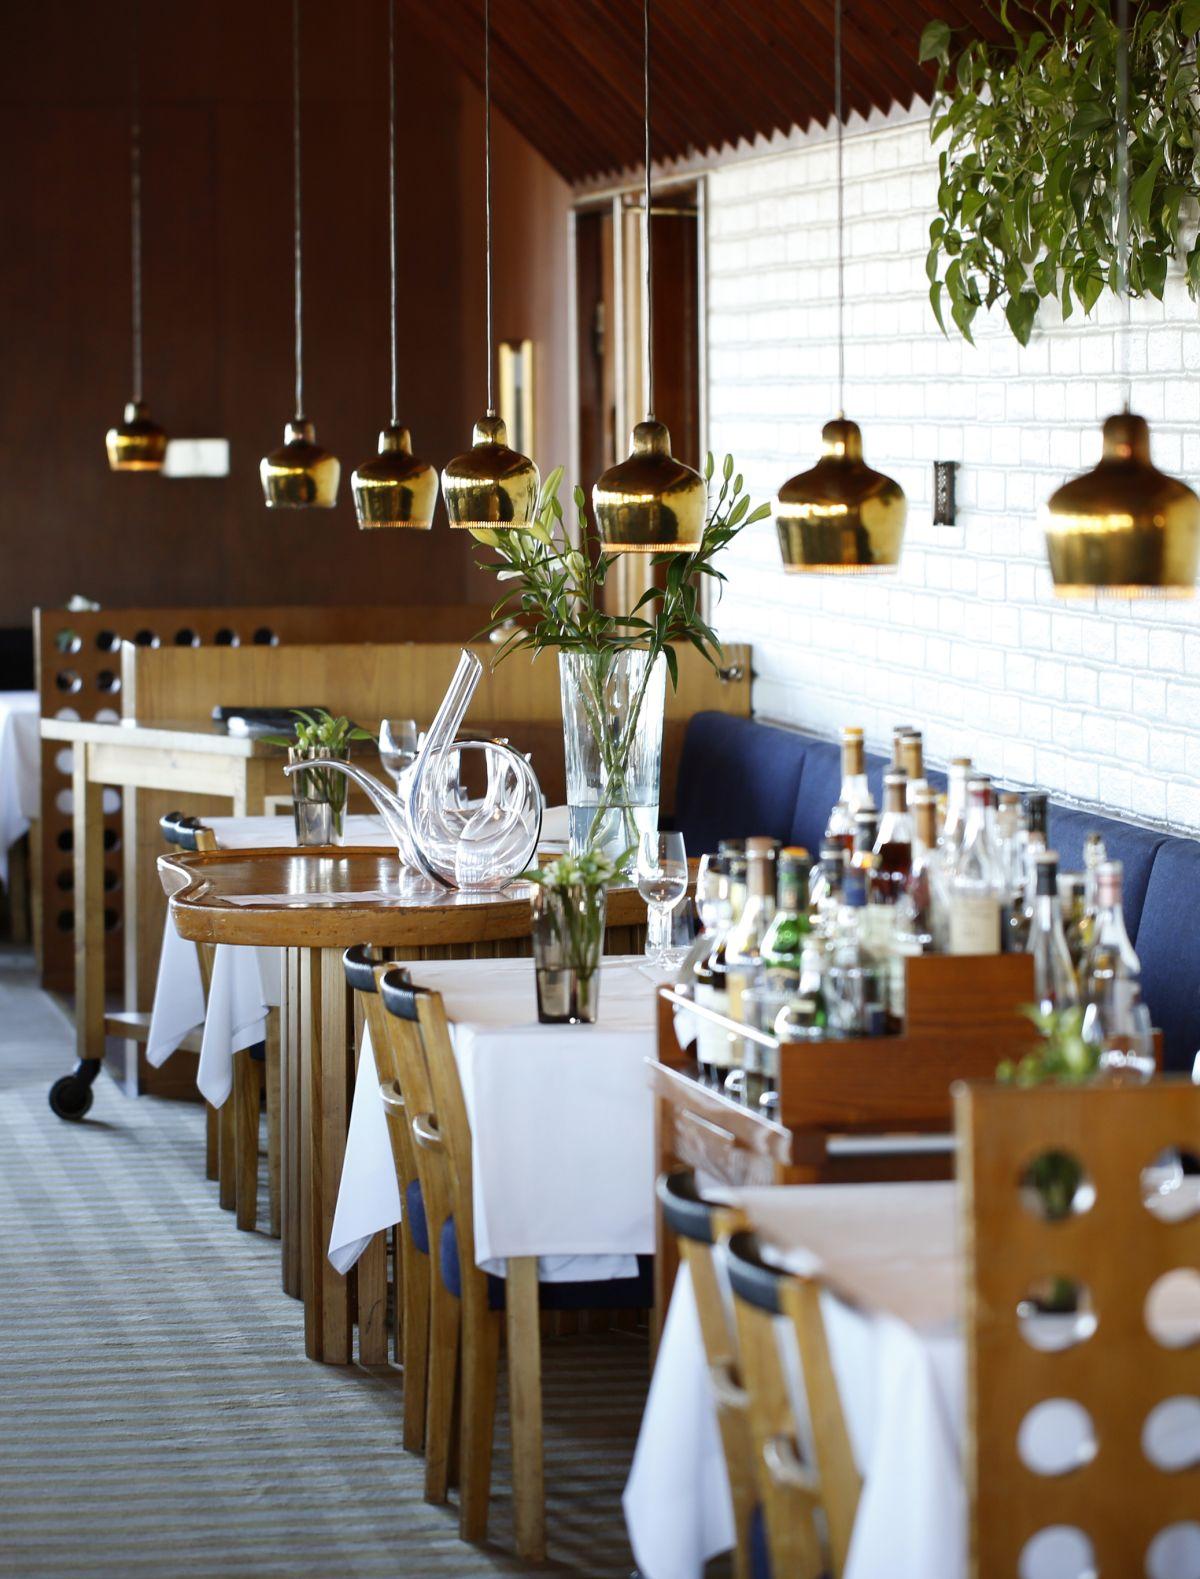 Restaurant Savoy interior